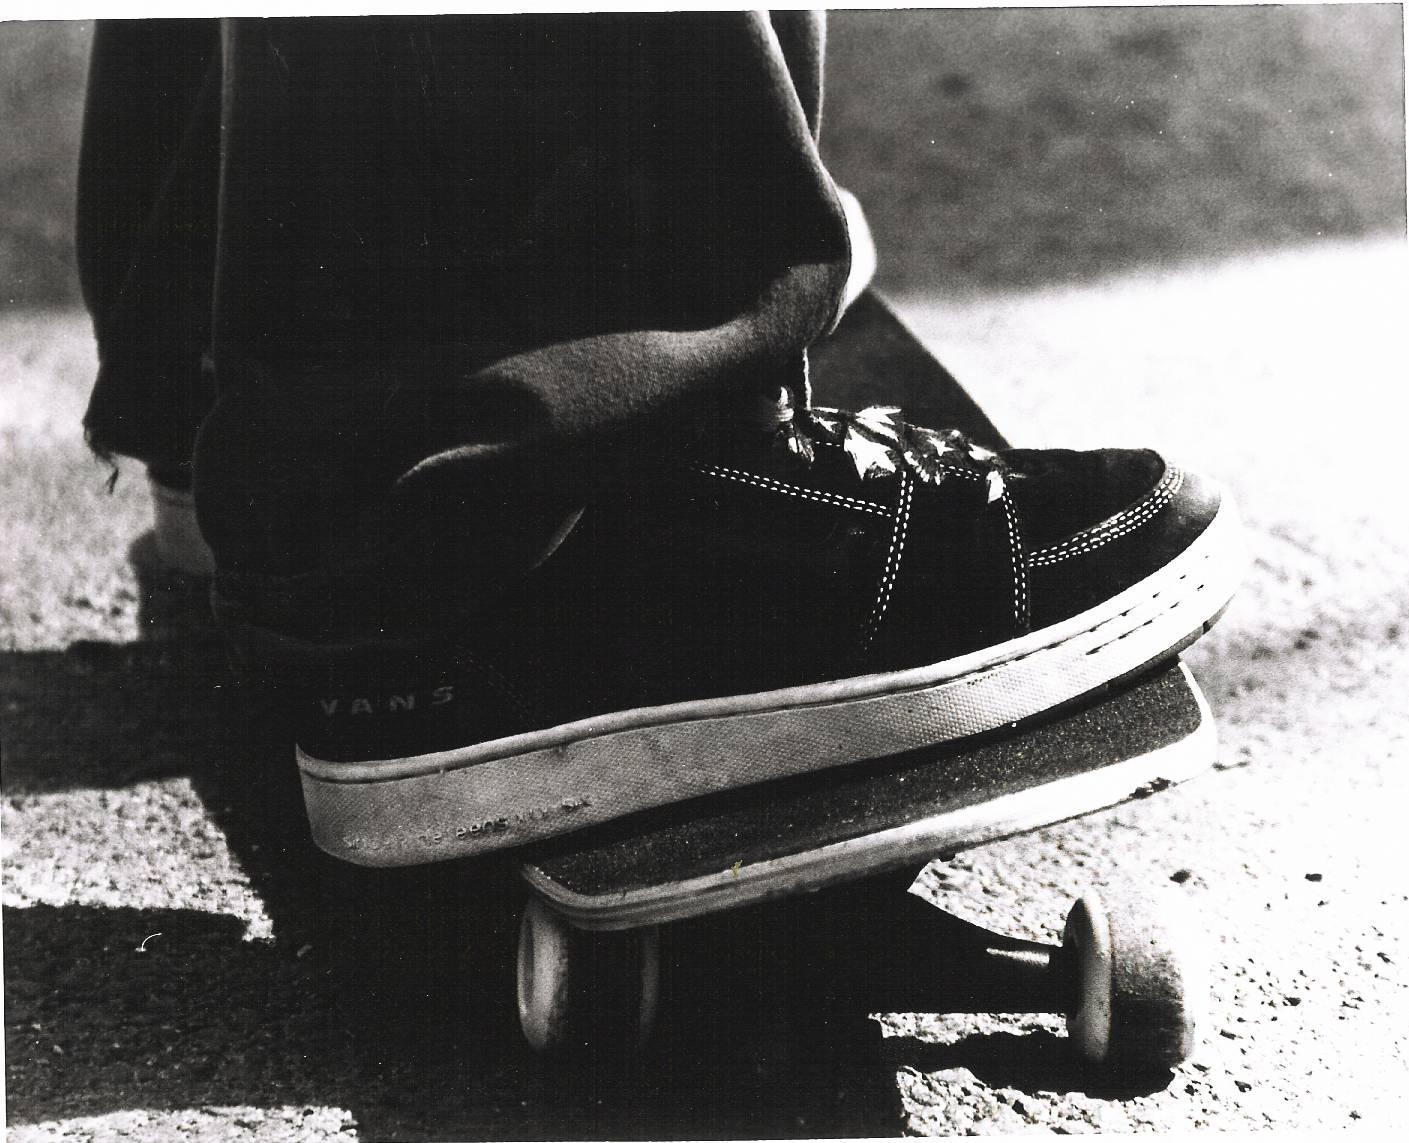 Vans Skate By Slinkysk8